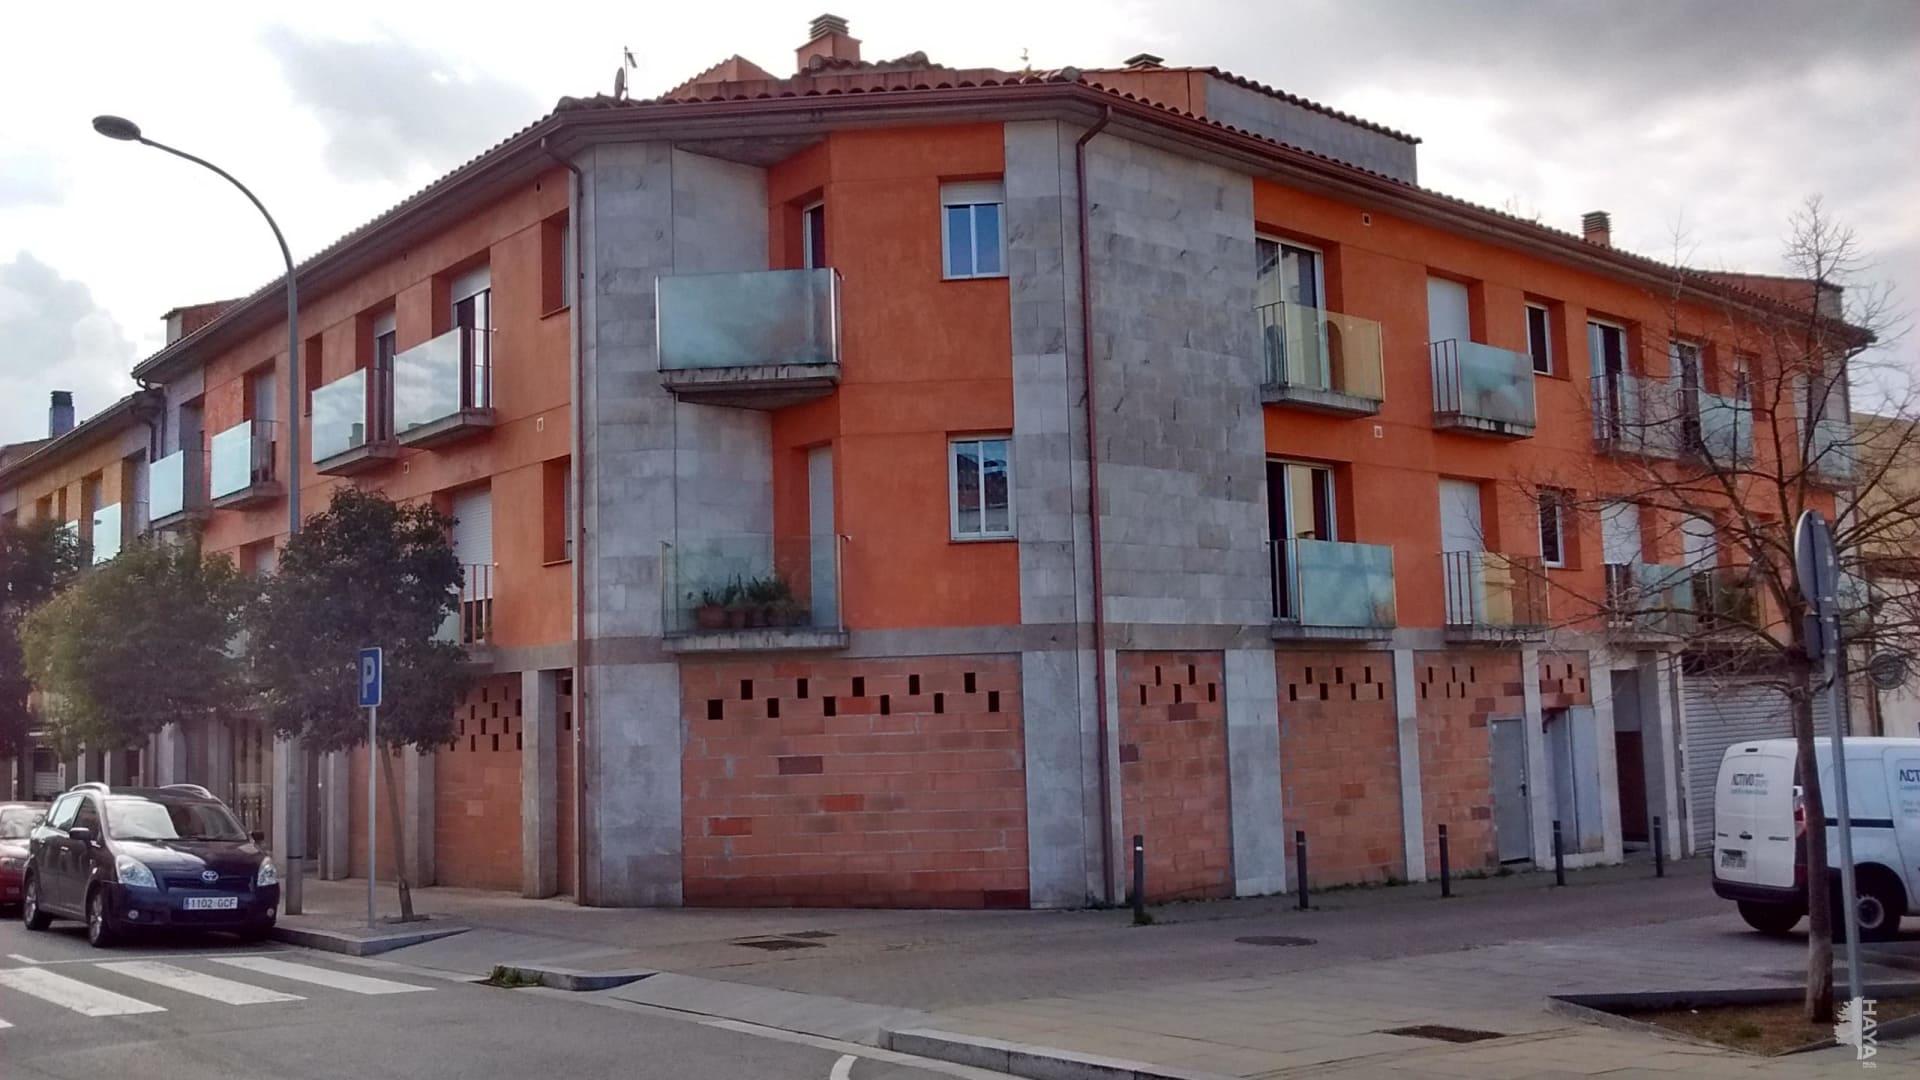 Local commercial à Roca del Vallès (La). Local en venta en la roca del vallès (barcelona) catalunya